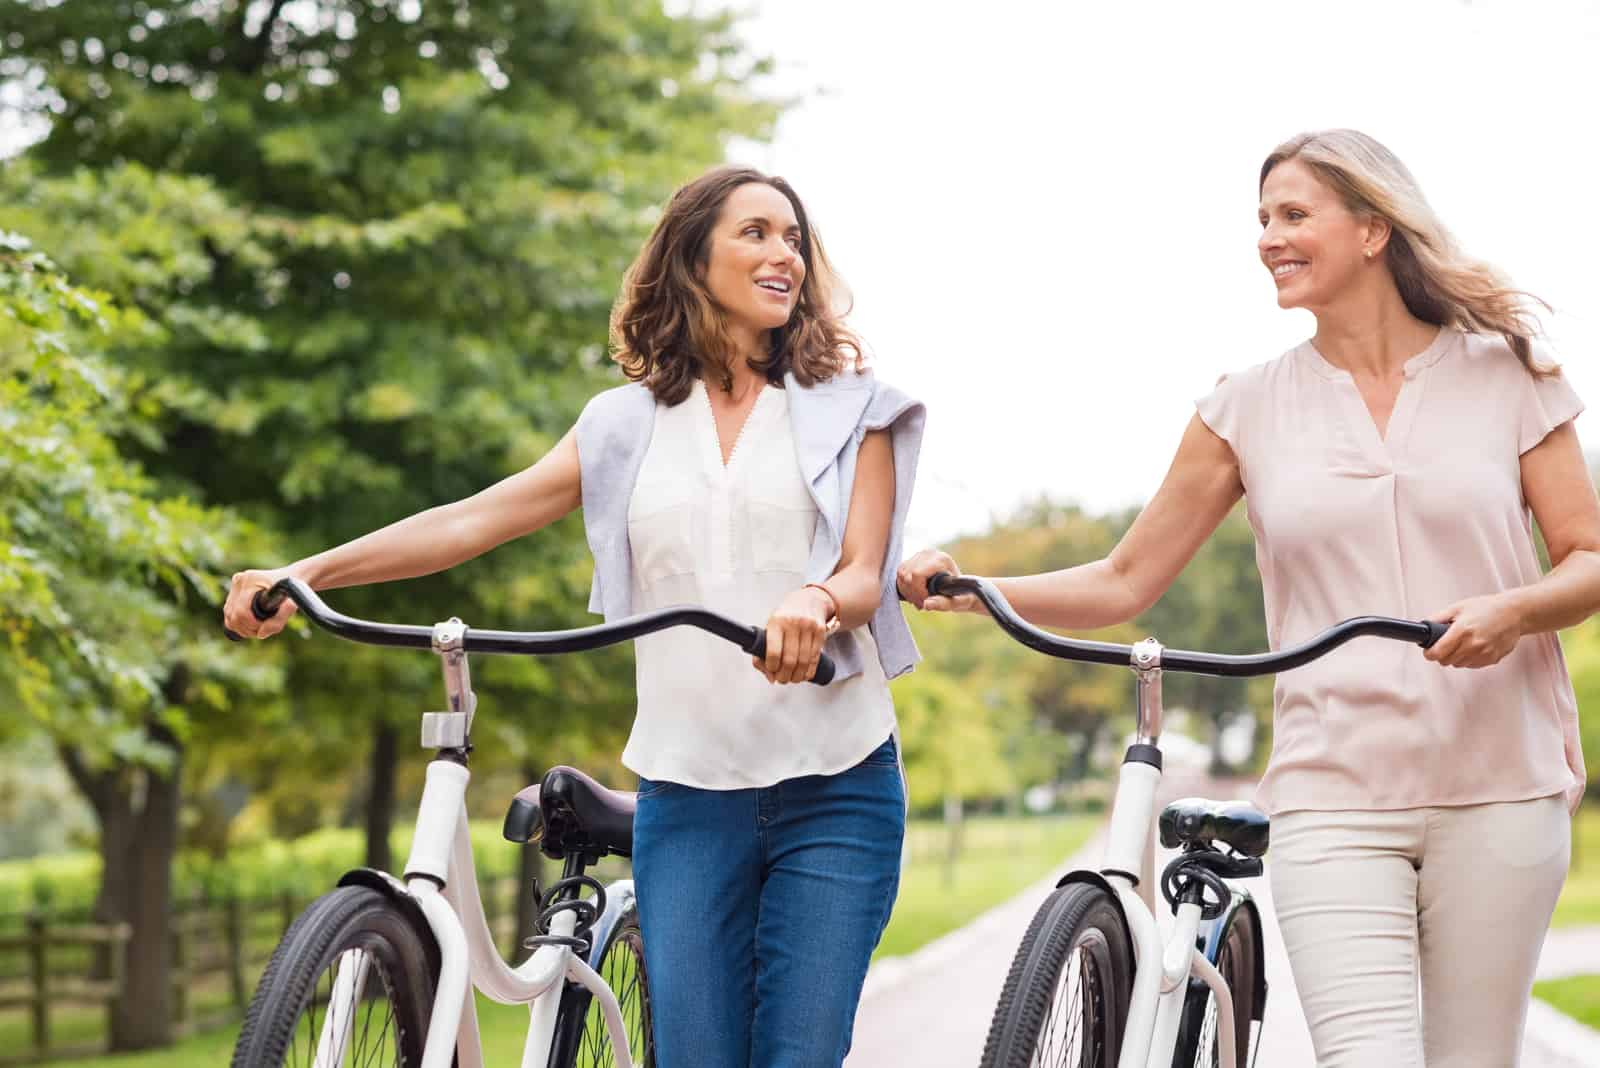 deux amis marchent et font du vélo l'un à côté de l'autre